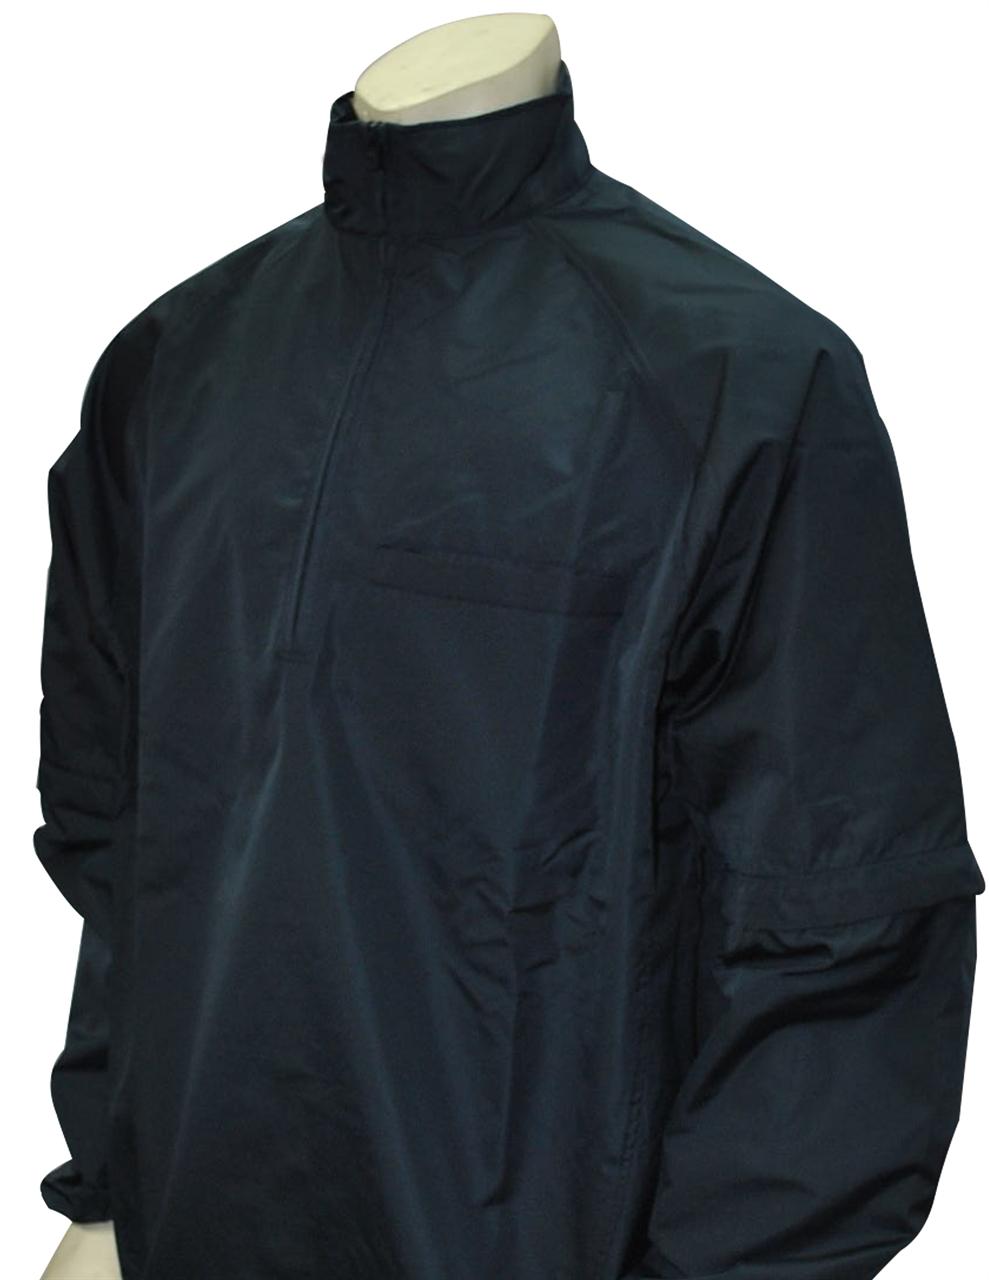 Old Navy Fleece Jackets